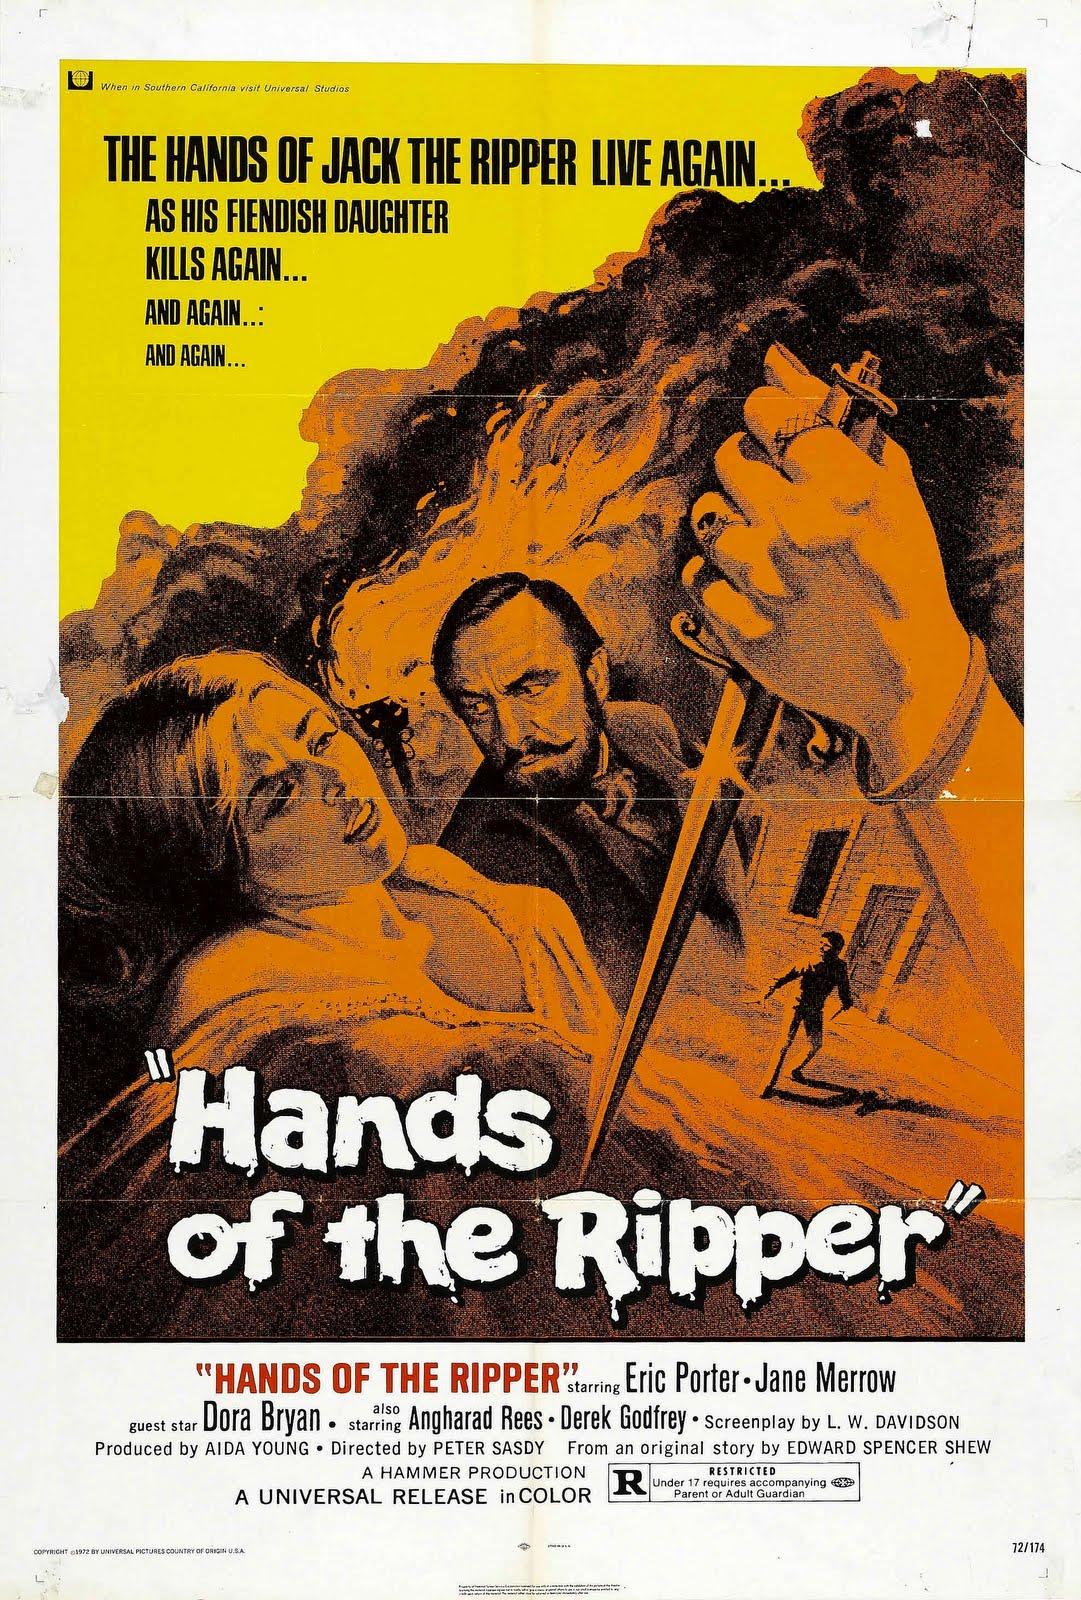 http://3.bp.blogspot.com/-GjCBfqBq9Bk/TmVKq1Sqh3I/AAAAAAAAAK8/an8pIYxQS68/s1600/Hands+of+the+Ripper_poster.jpg